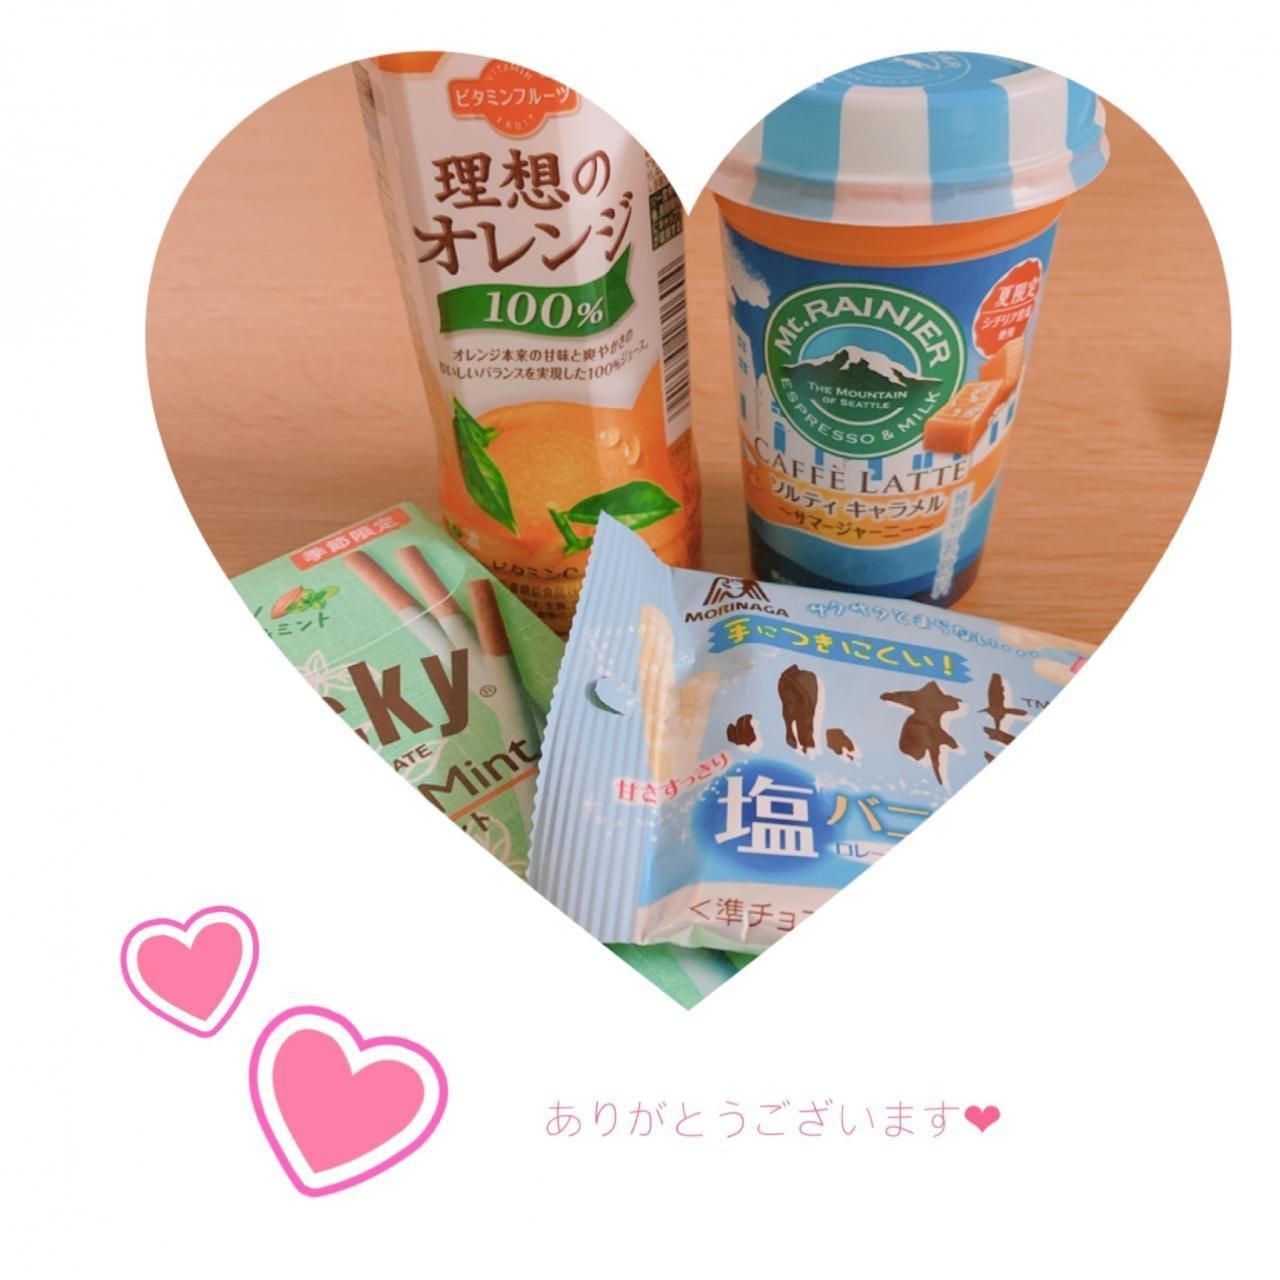 「幸せです^^」07/13(07/13) 00:10 | ☆すみれ(19)☆の写メ・風俗動画